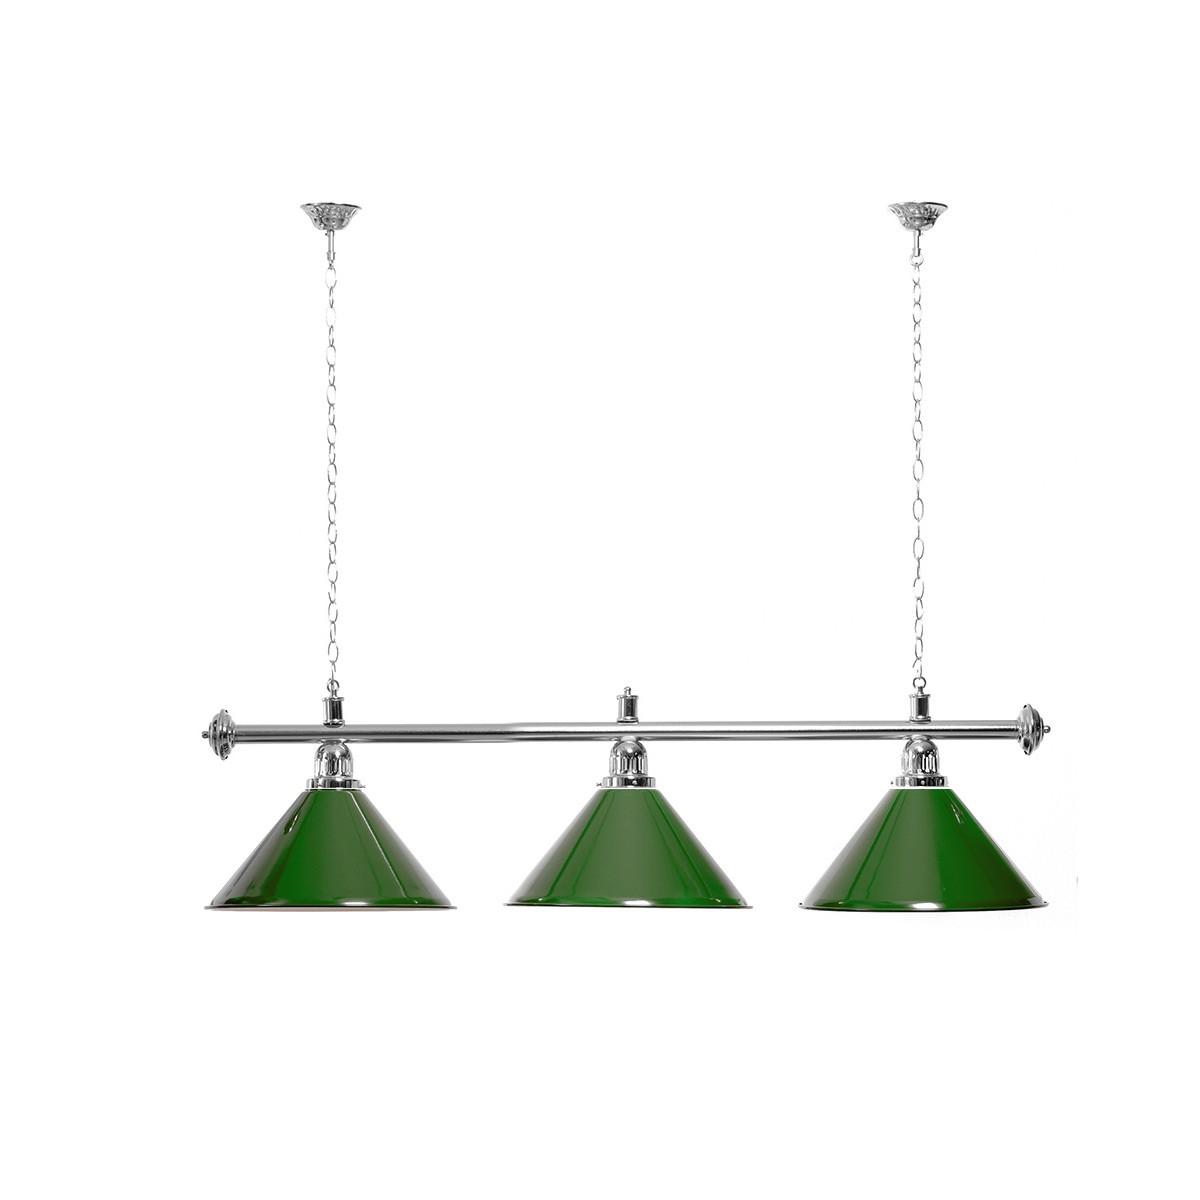 Billard Lampe 3 Schirme grün / silberfarbene Halterung